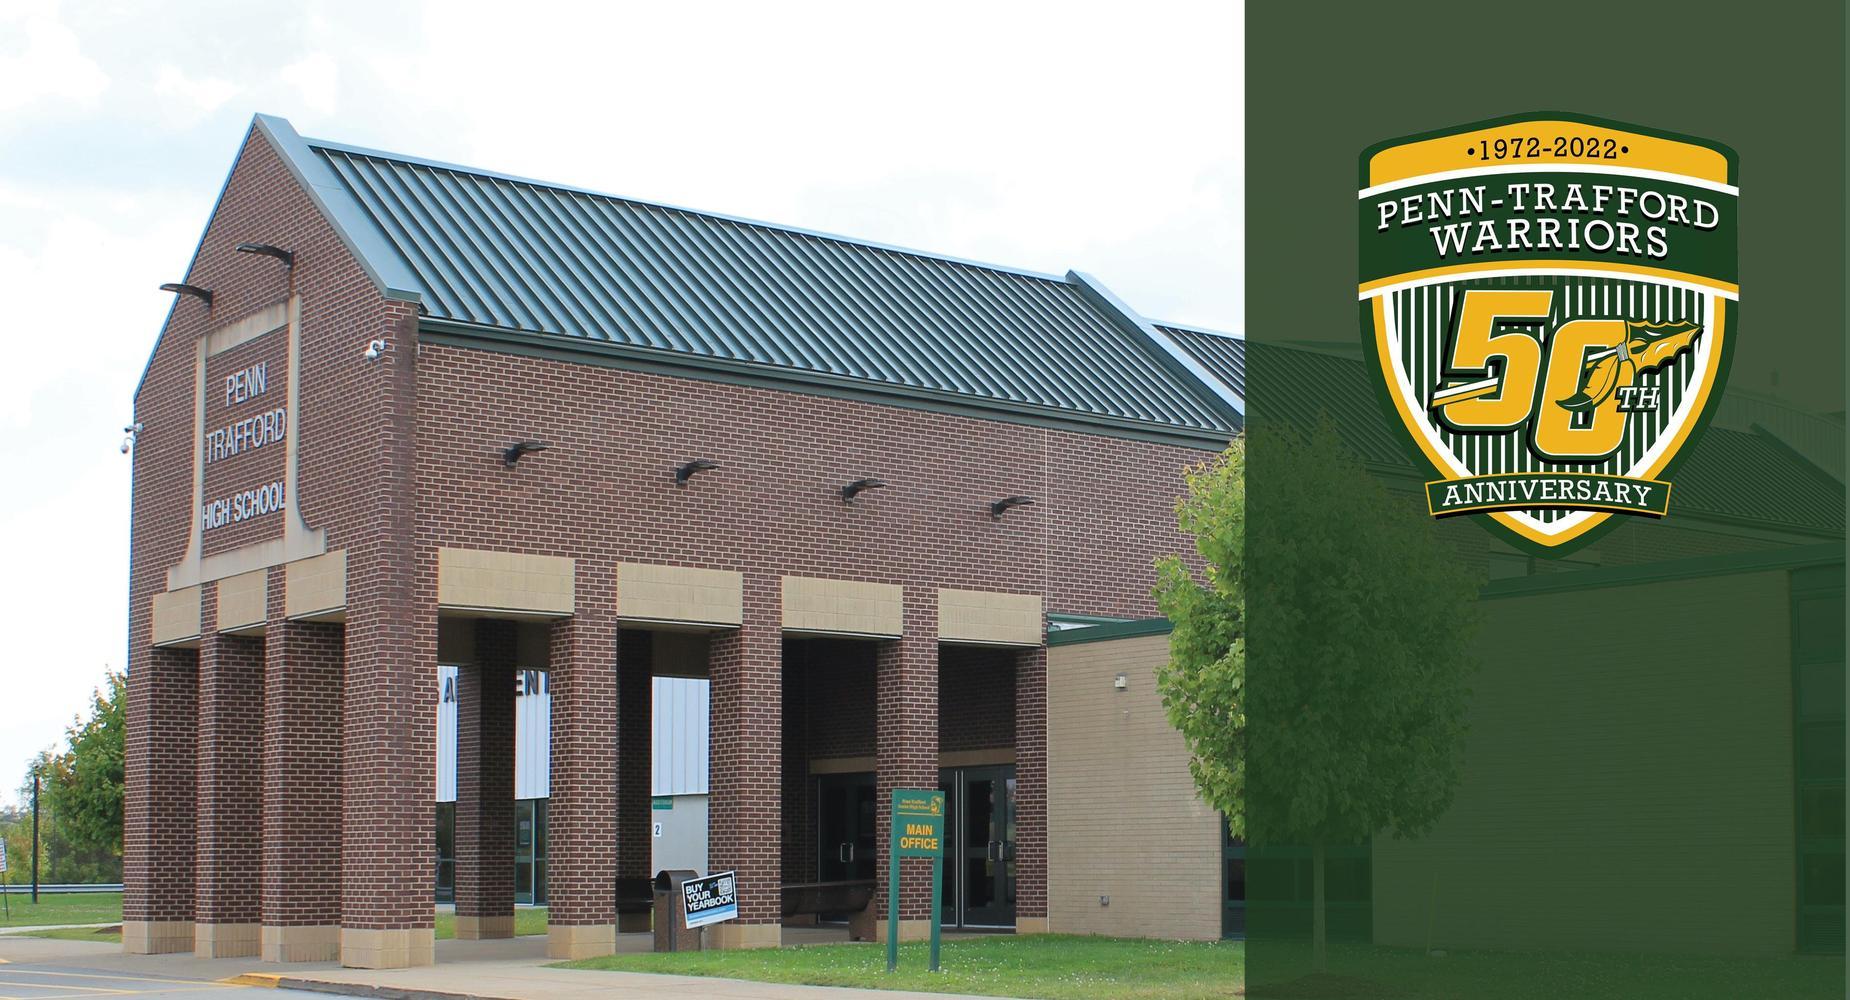 Image of Penn-Trafford High School